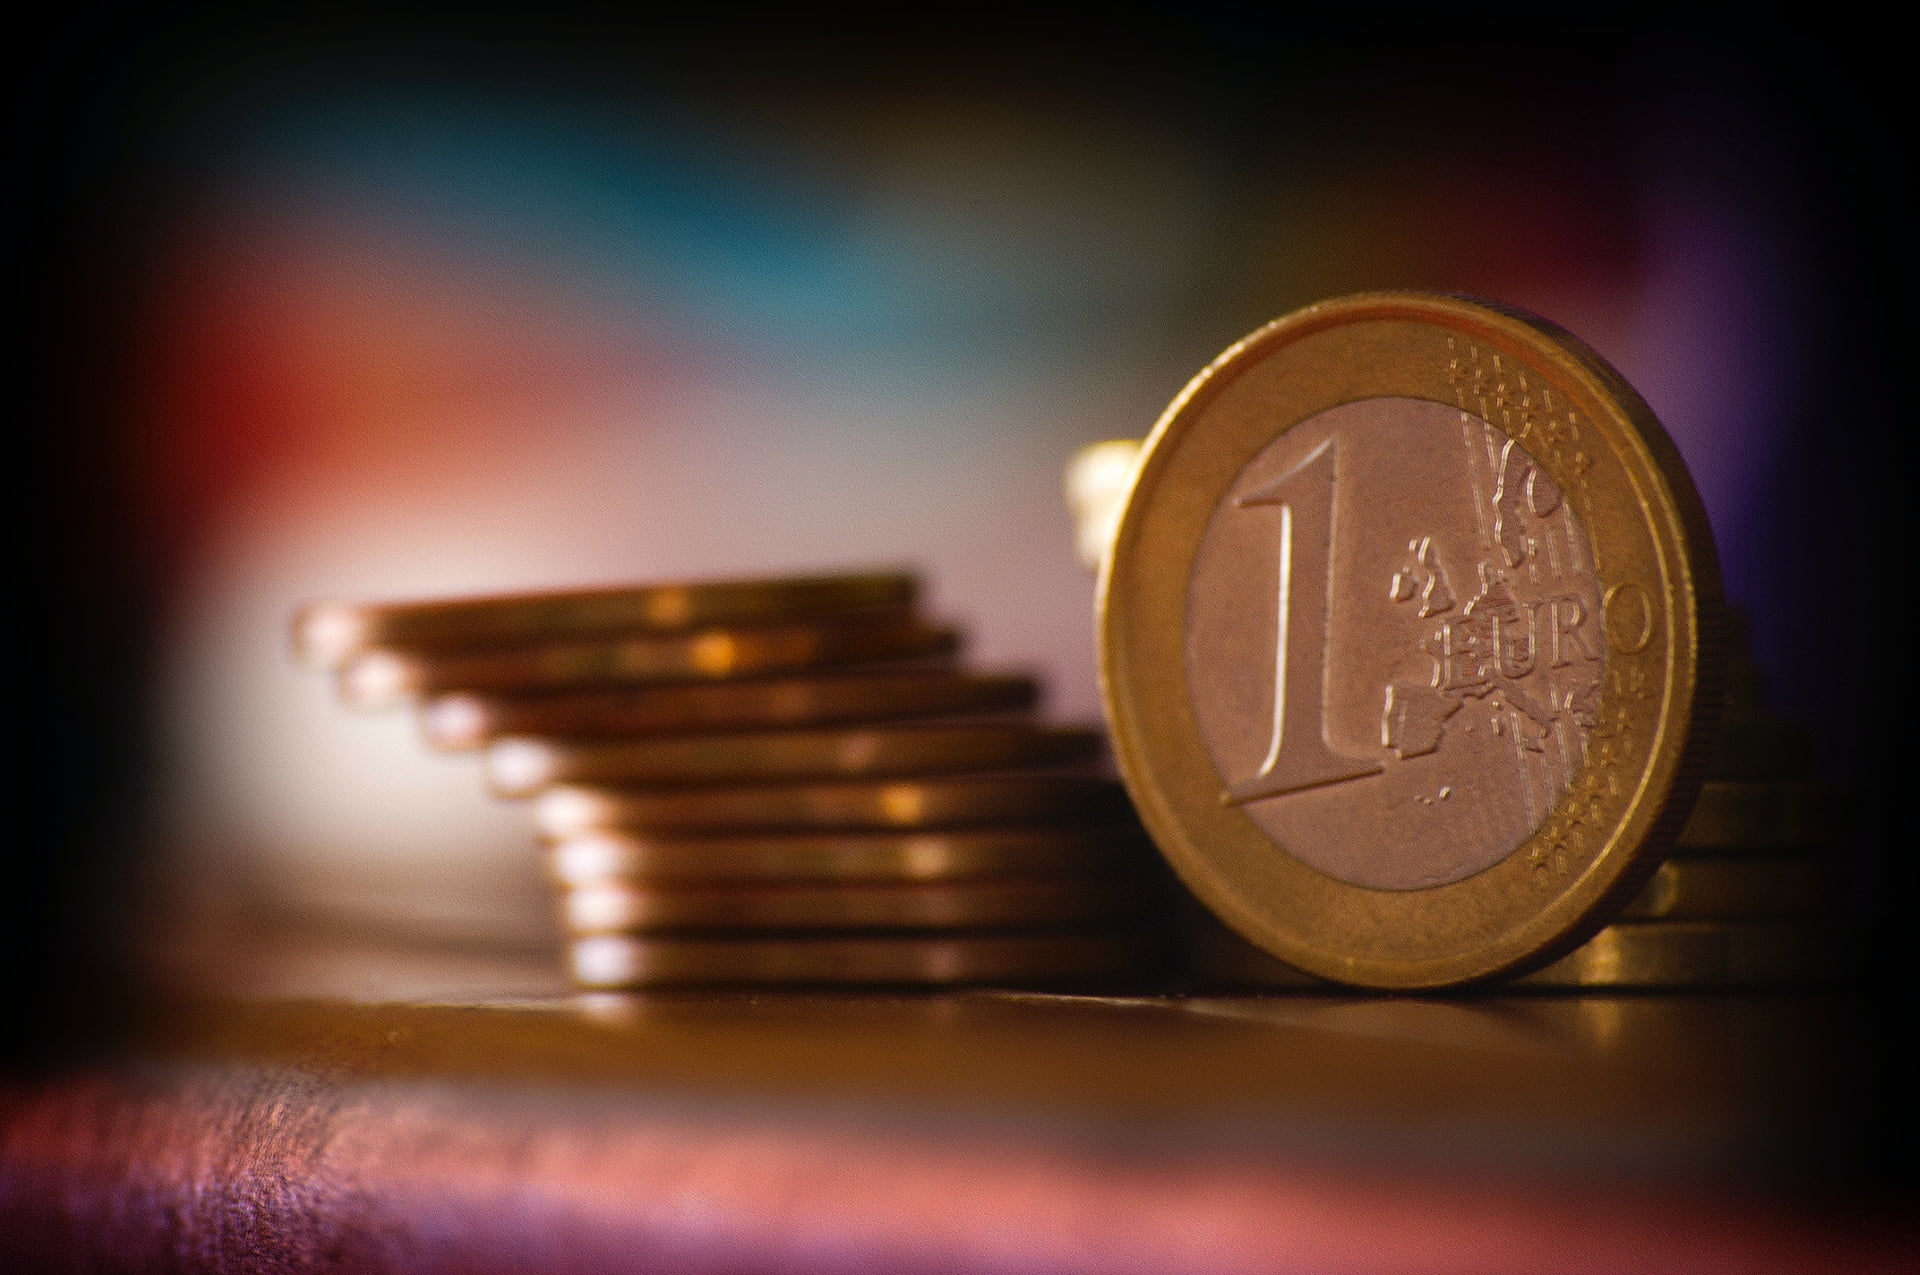 Pièce de 1 Euro, faire des économies